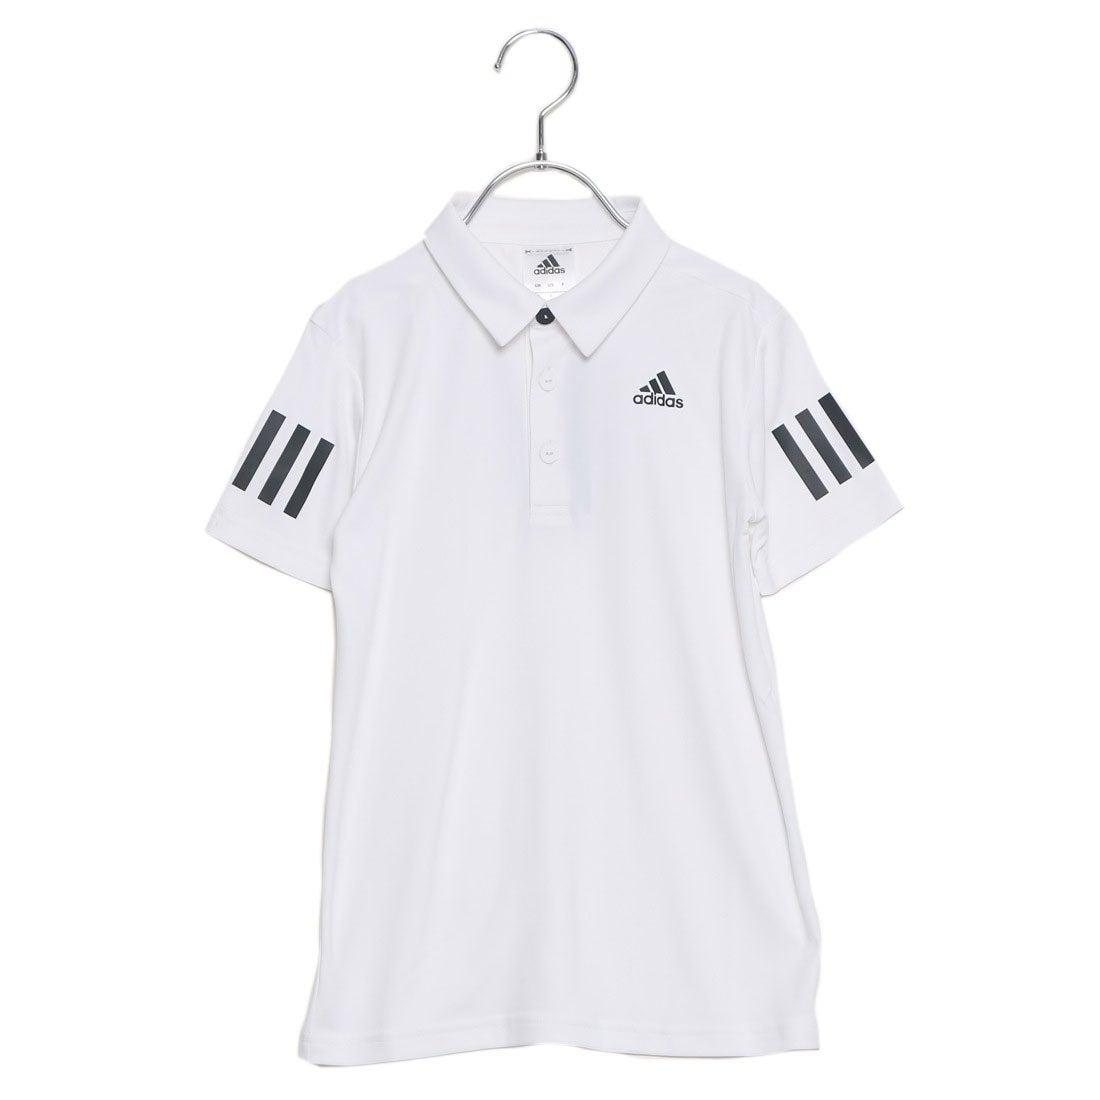 【SALE 30%OFF】アディダス adidas ジュニア テニス 半袖ポロシャツ BOYS CLUB ポロシャツ BJ8234